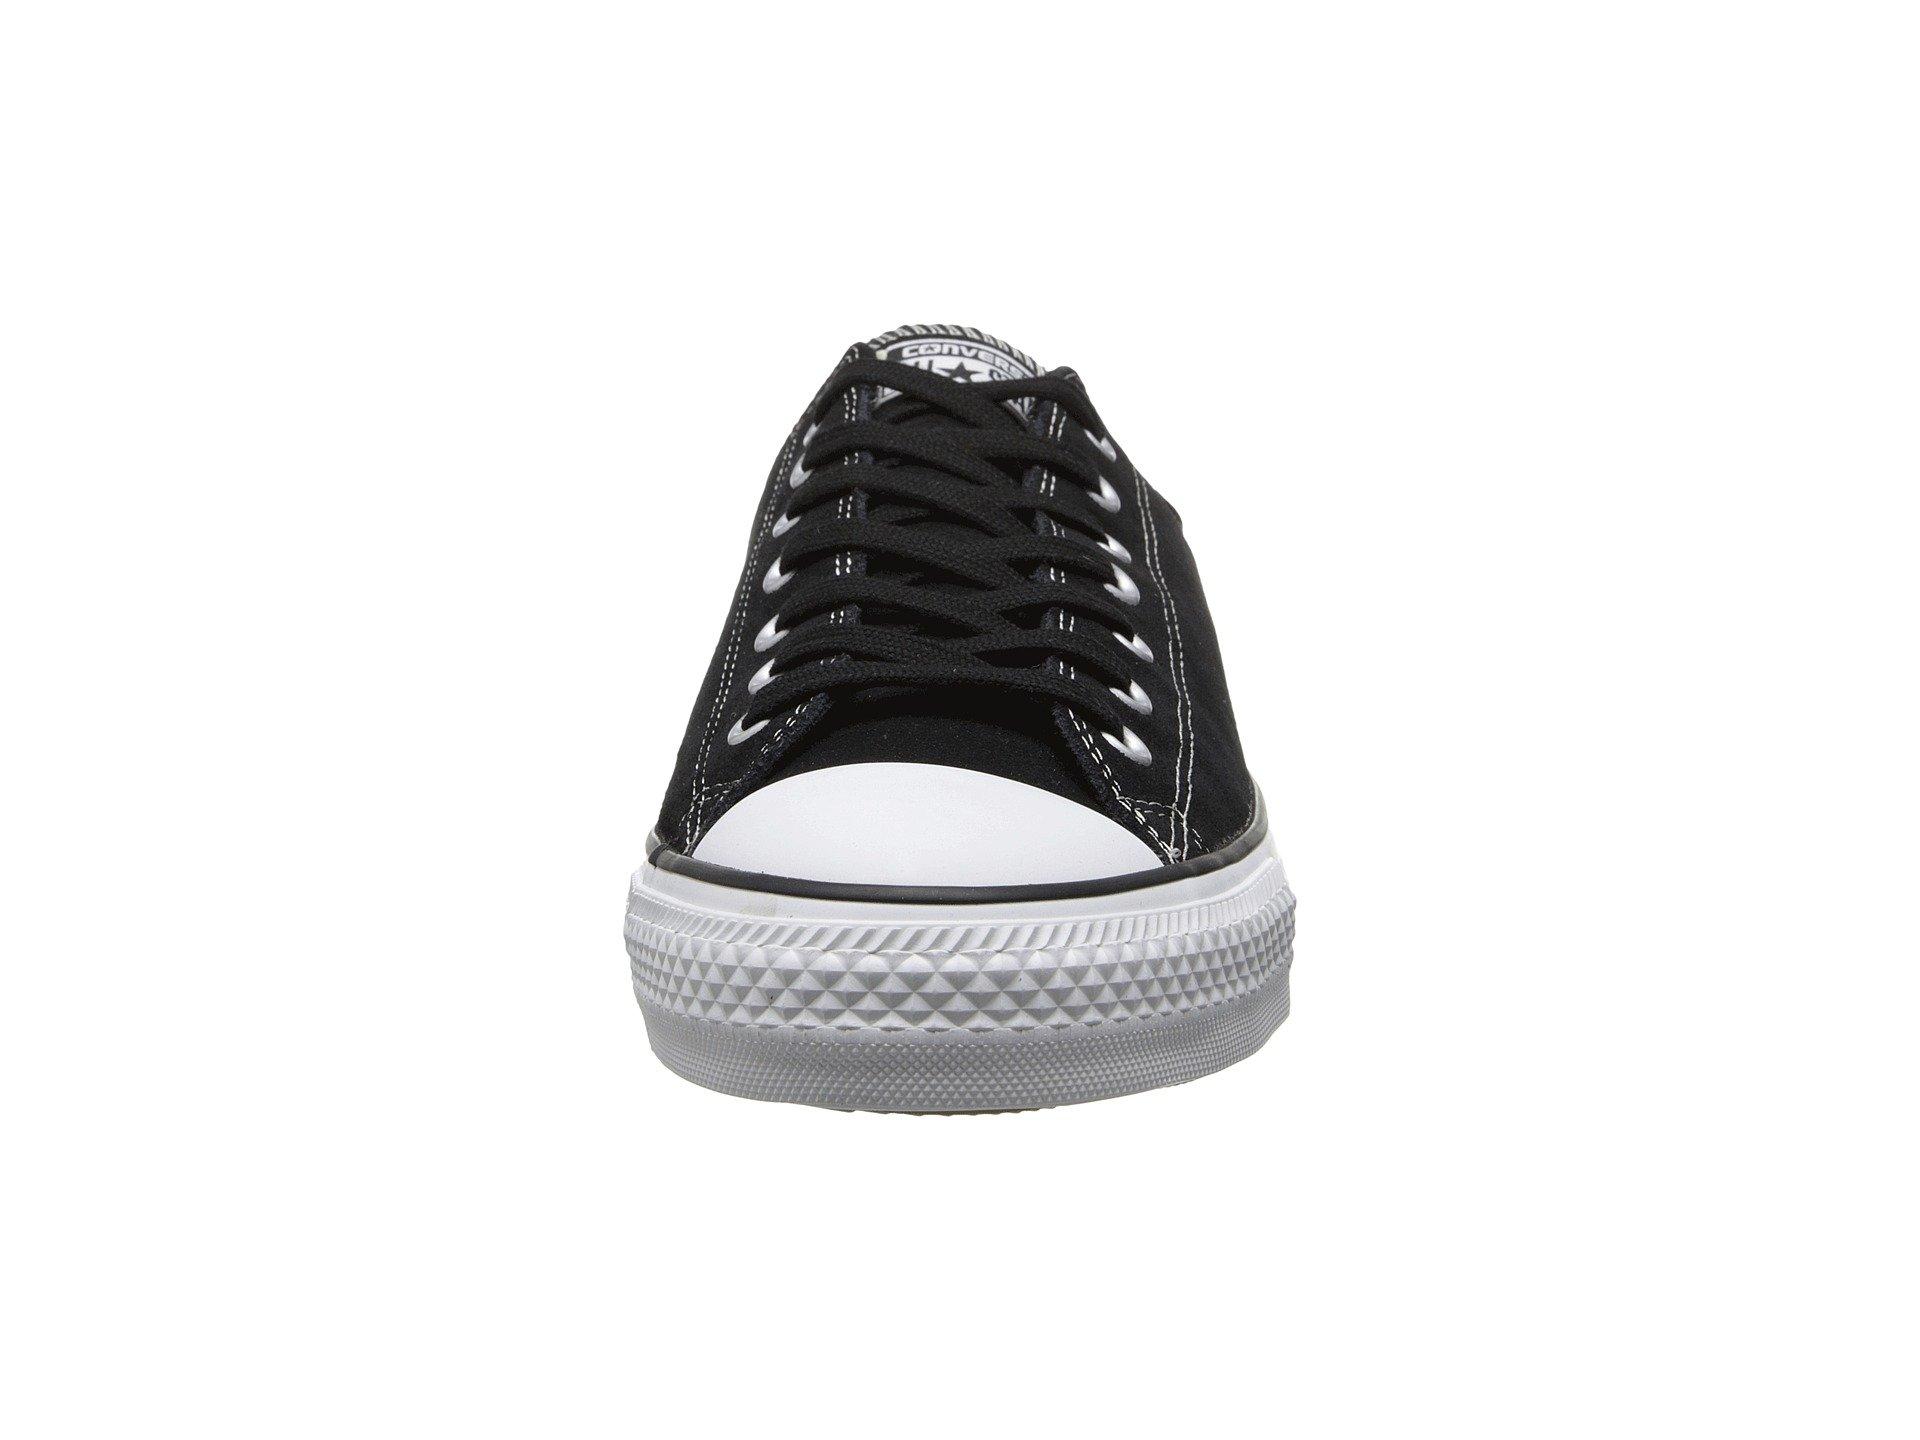 Skate white Converse Ox suede Pro Ctas 2 Black zqTxPFT